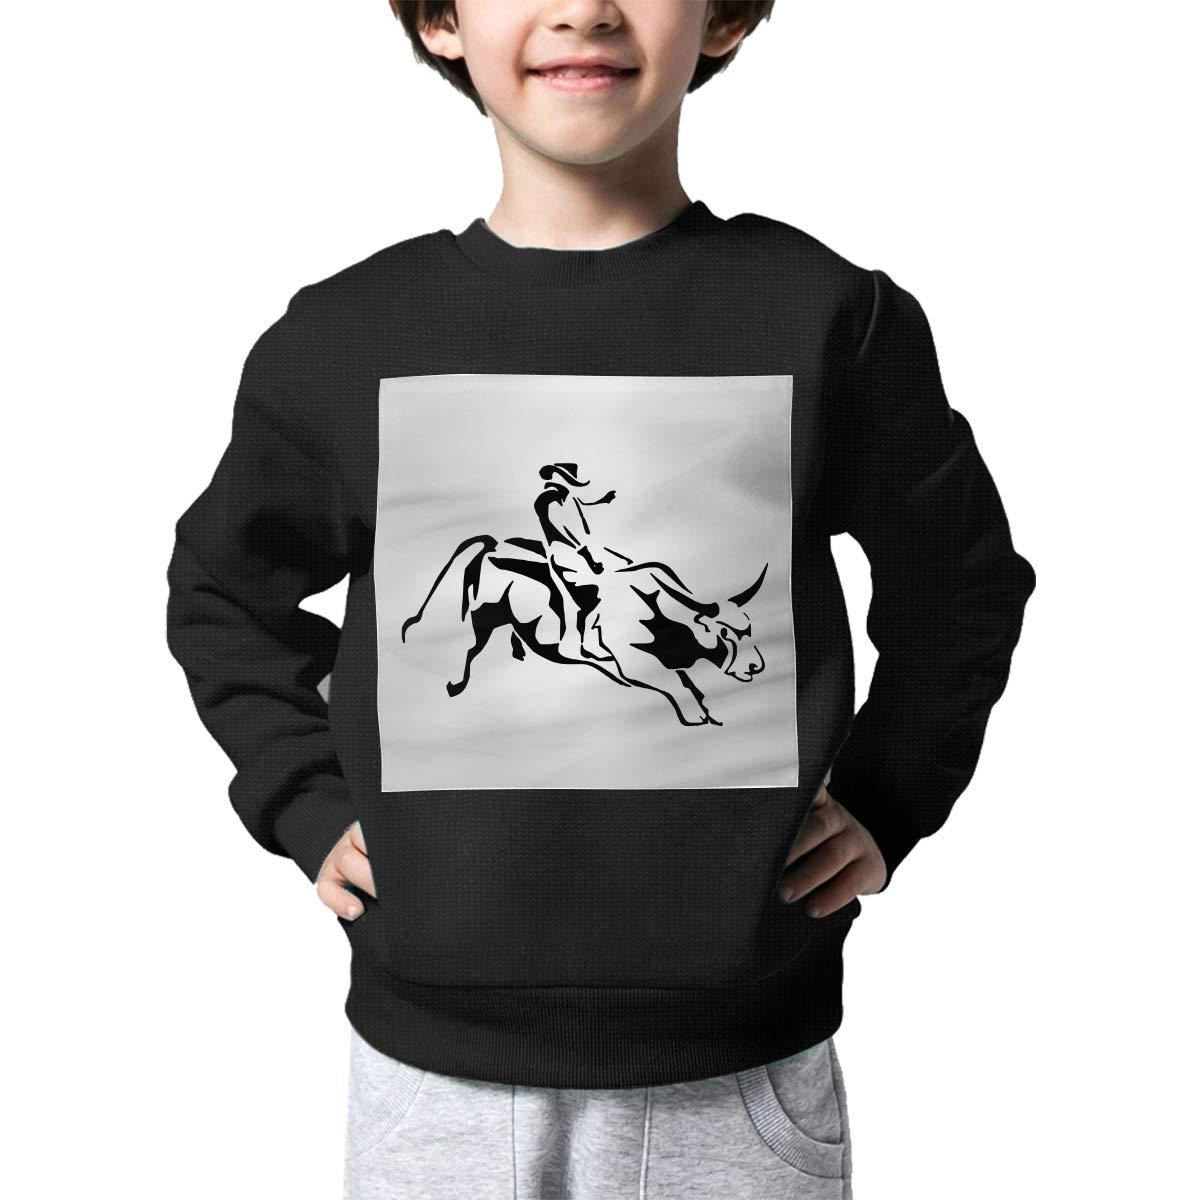 AW-KOCP Childrens Bull Riding Sweater Kids Sweatshirt